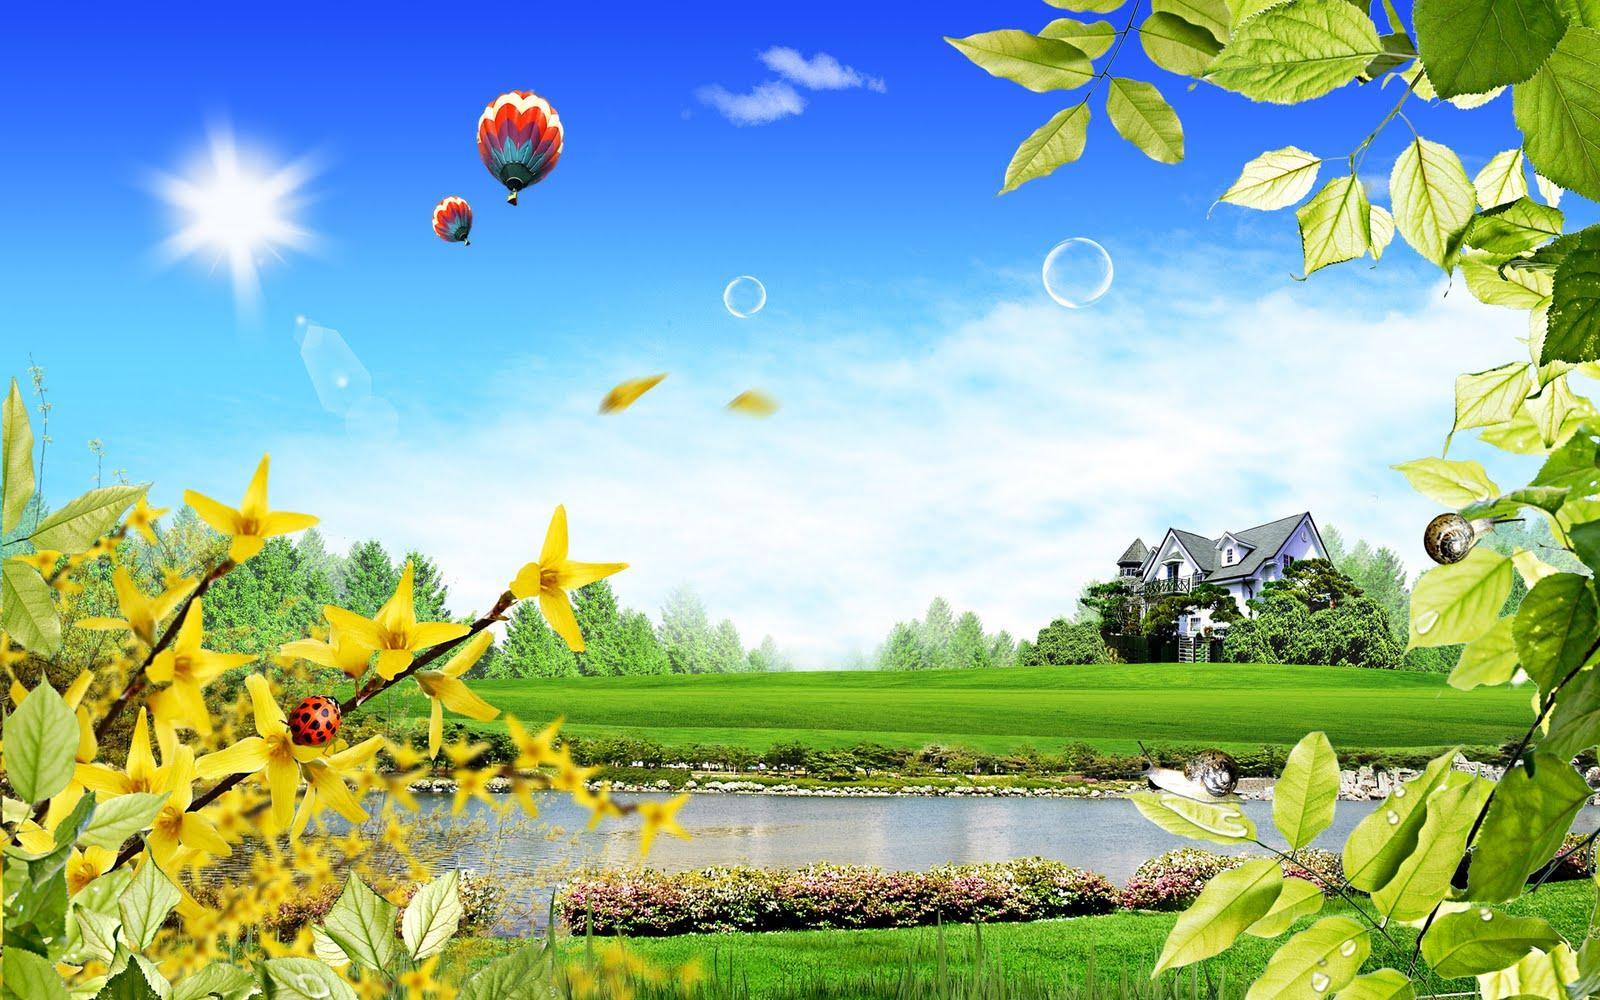 http://2.bp.blogspot.com/-09nu8MlrxUY/Tg7ipZ3dTdI/AAAAAAAAAVw/xVZqcSDvrSs/s1600/fantasy_home-wide.jpg